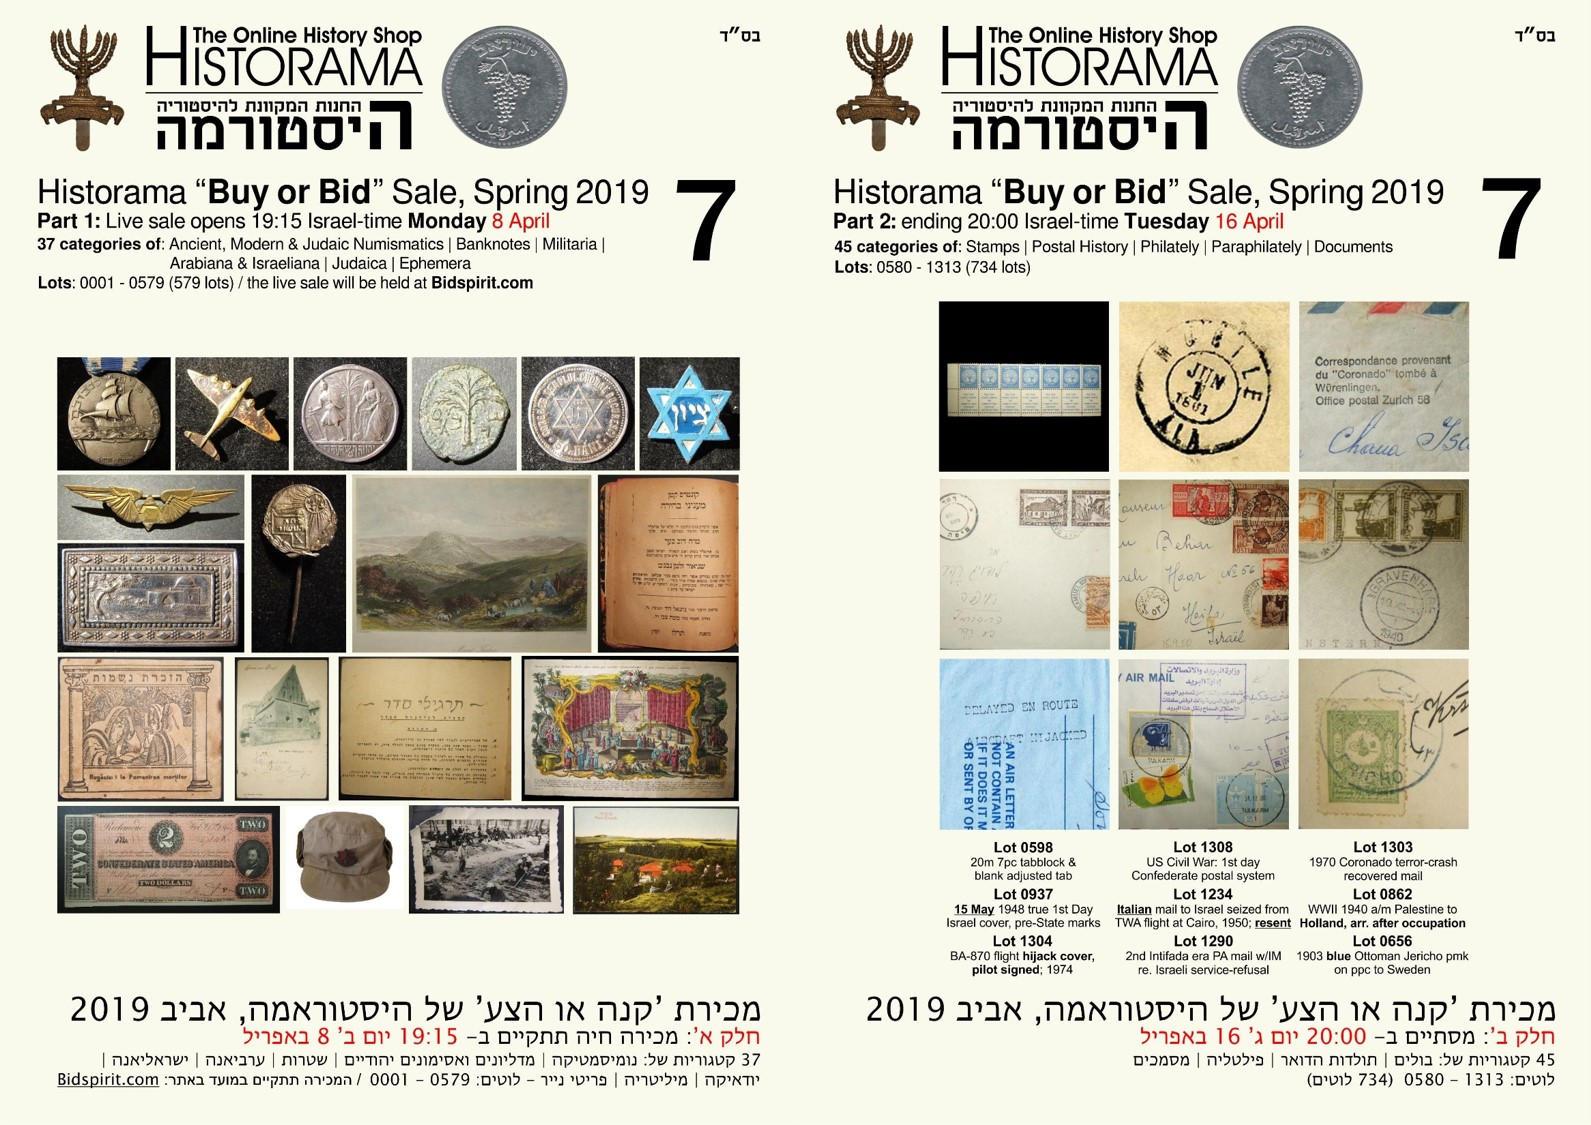 Set of 2 Auction Catalogues (Parts 1 & 2)